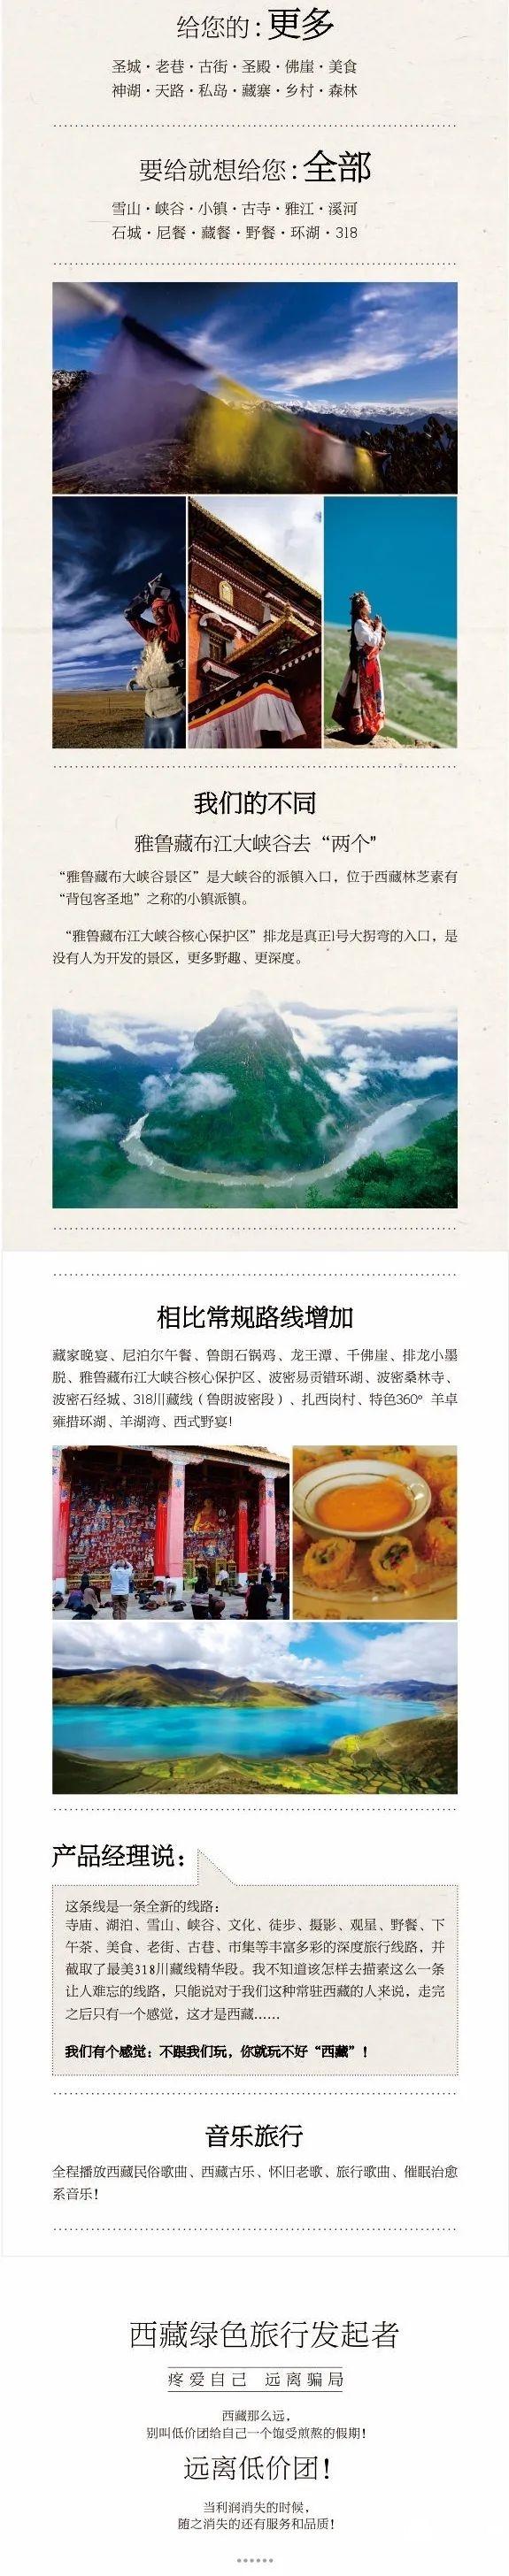 (3)世界级旅行·在西藏8天·小众旅行·10人小包团-户外活动图-驼铃网